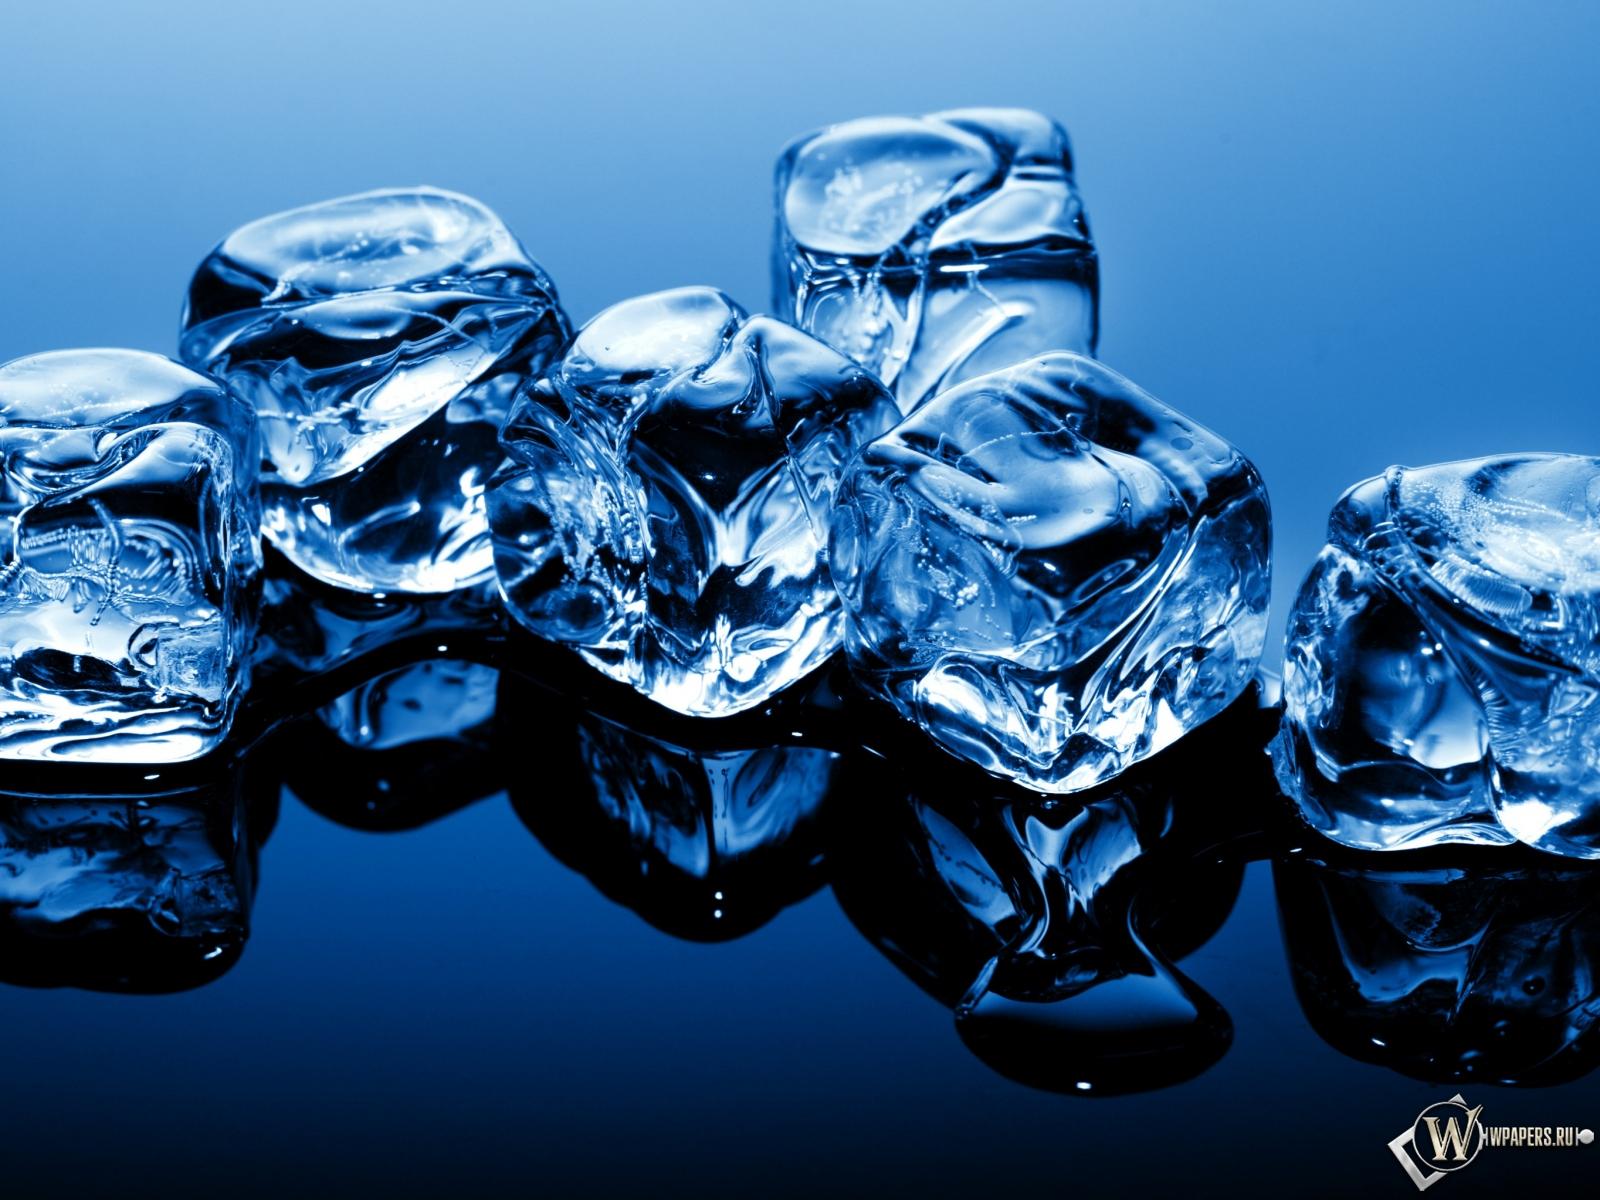 Кубики льда 1600x1200